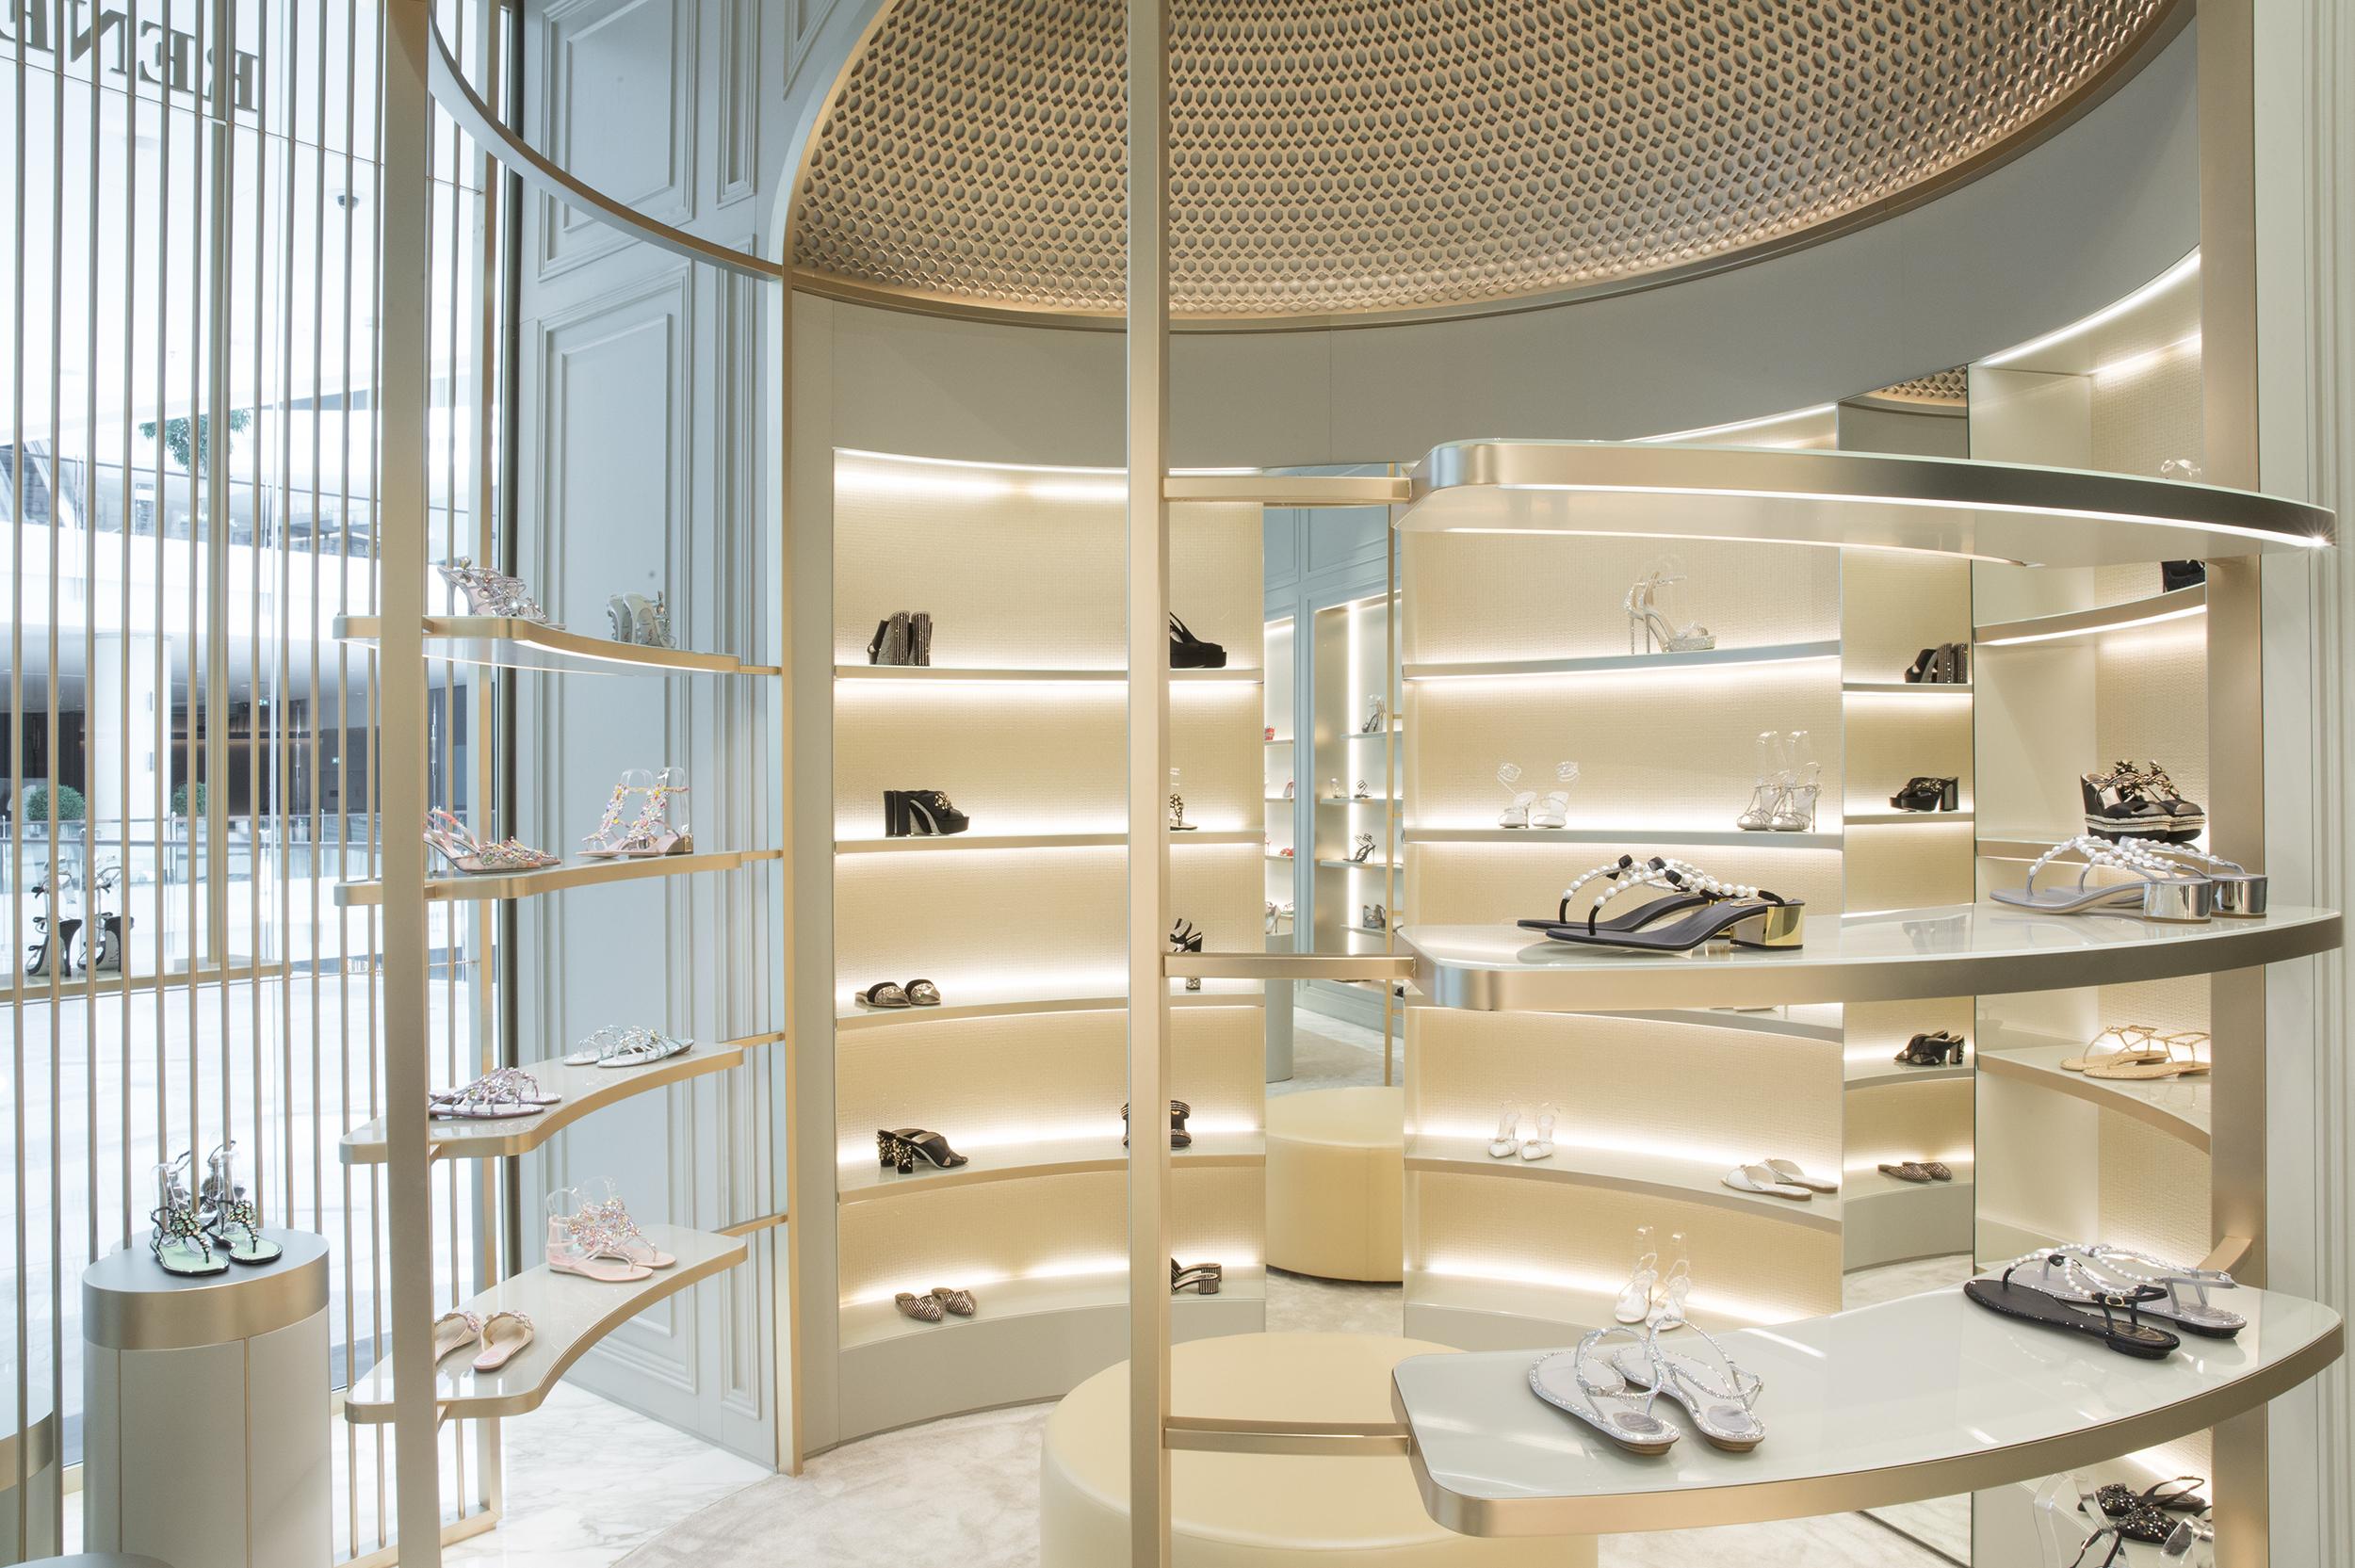 RETAIL_Rene caovilla Dubai